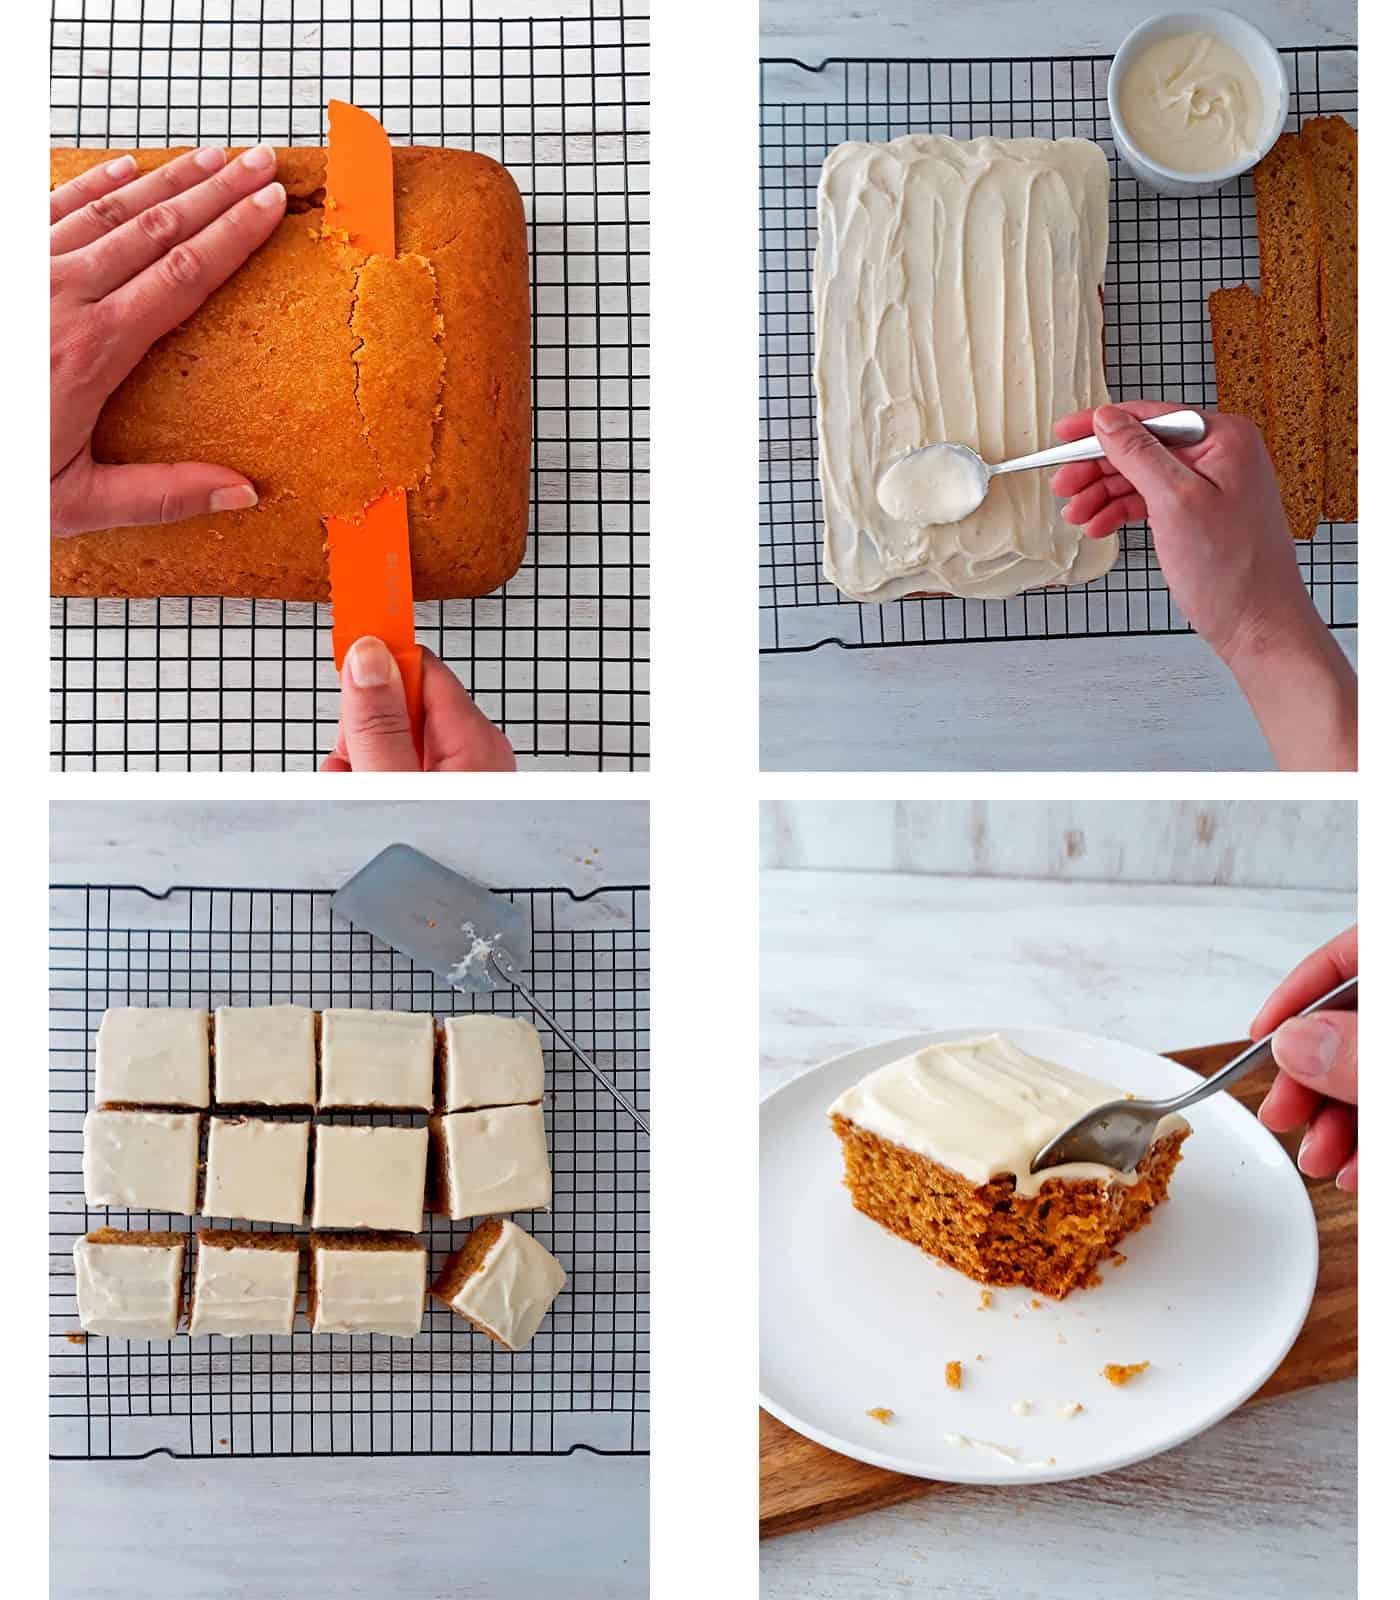 como decorar una torta con glaseado de queso crema